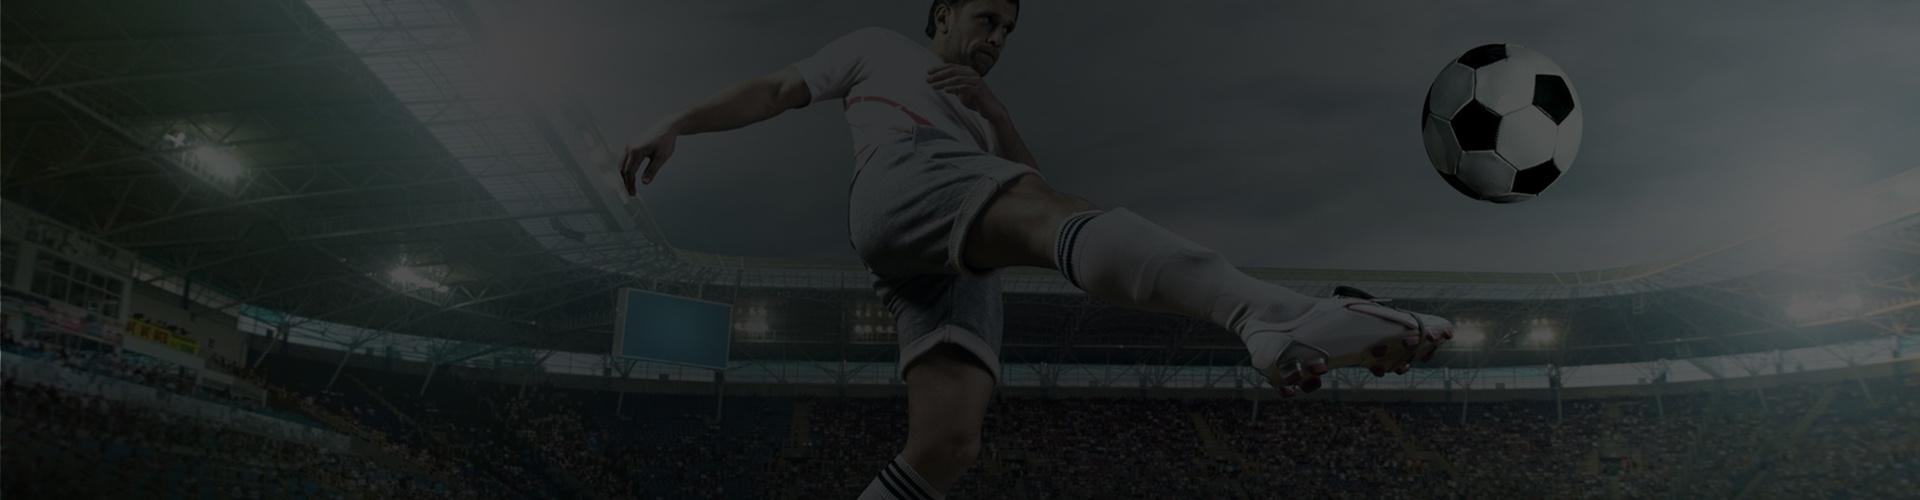 tipwin Wettsteuer – Müssen die Spieler beim Wettanbieter tipwin die Wettsteuer zahlen?